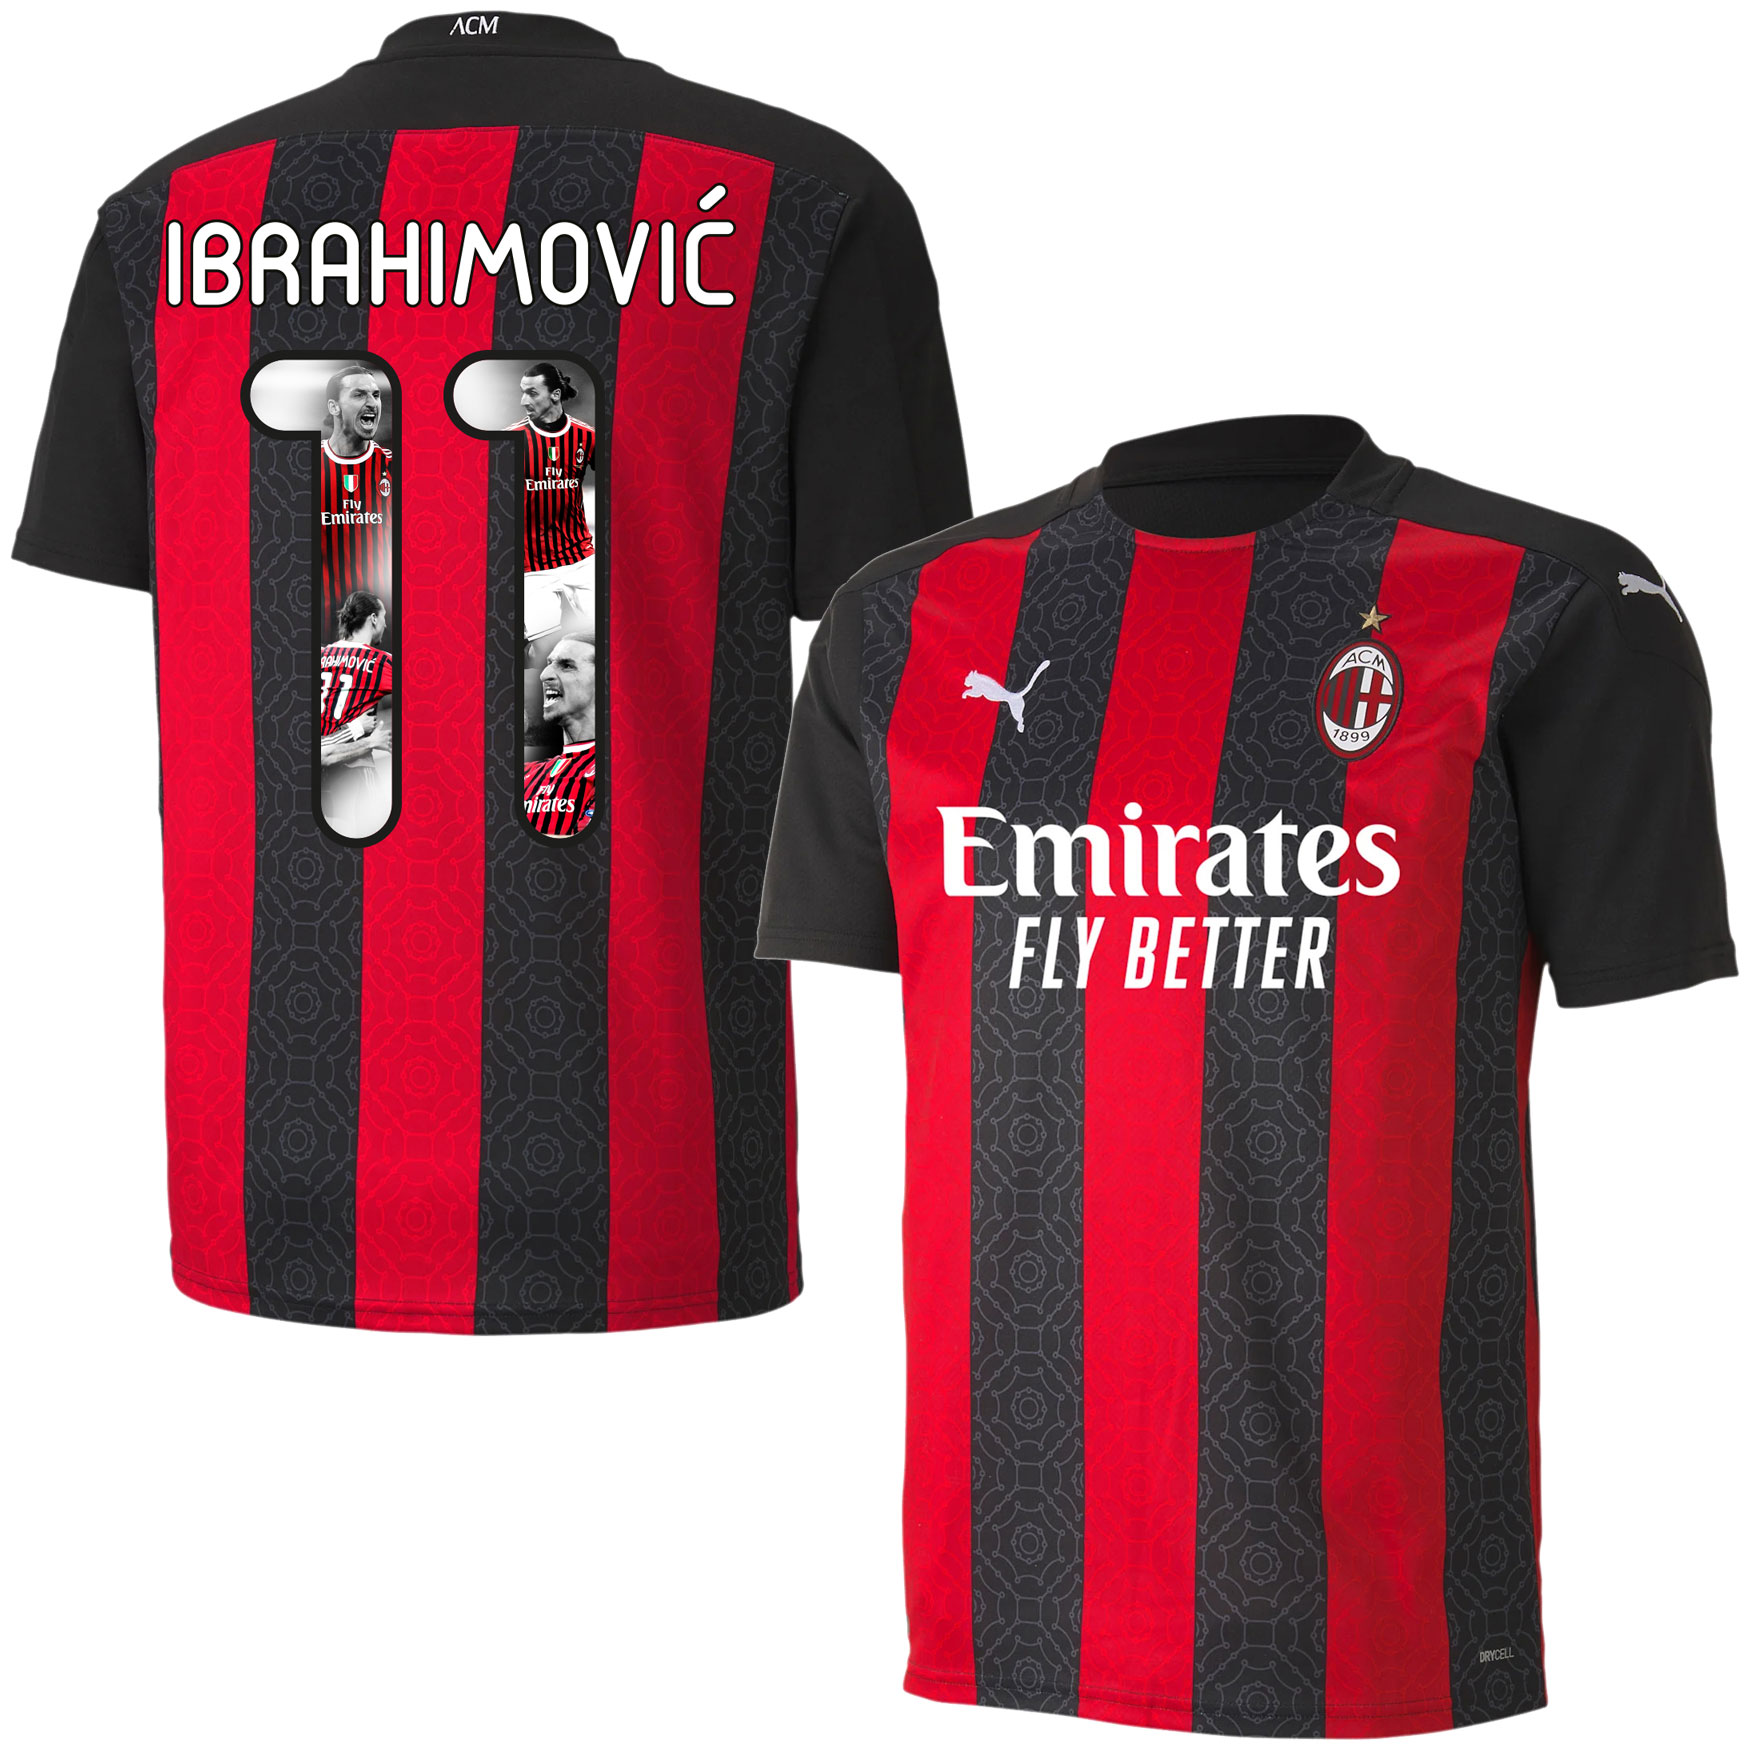 AC Milan Shirt Thuis 2020-2021 + Ibrahimovic 11 (Gallery Style)